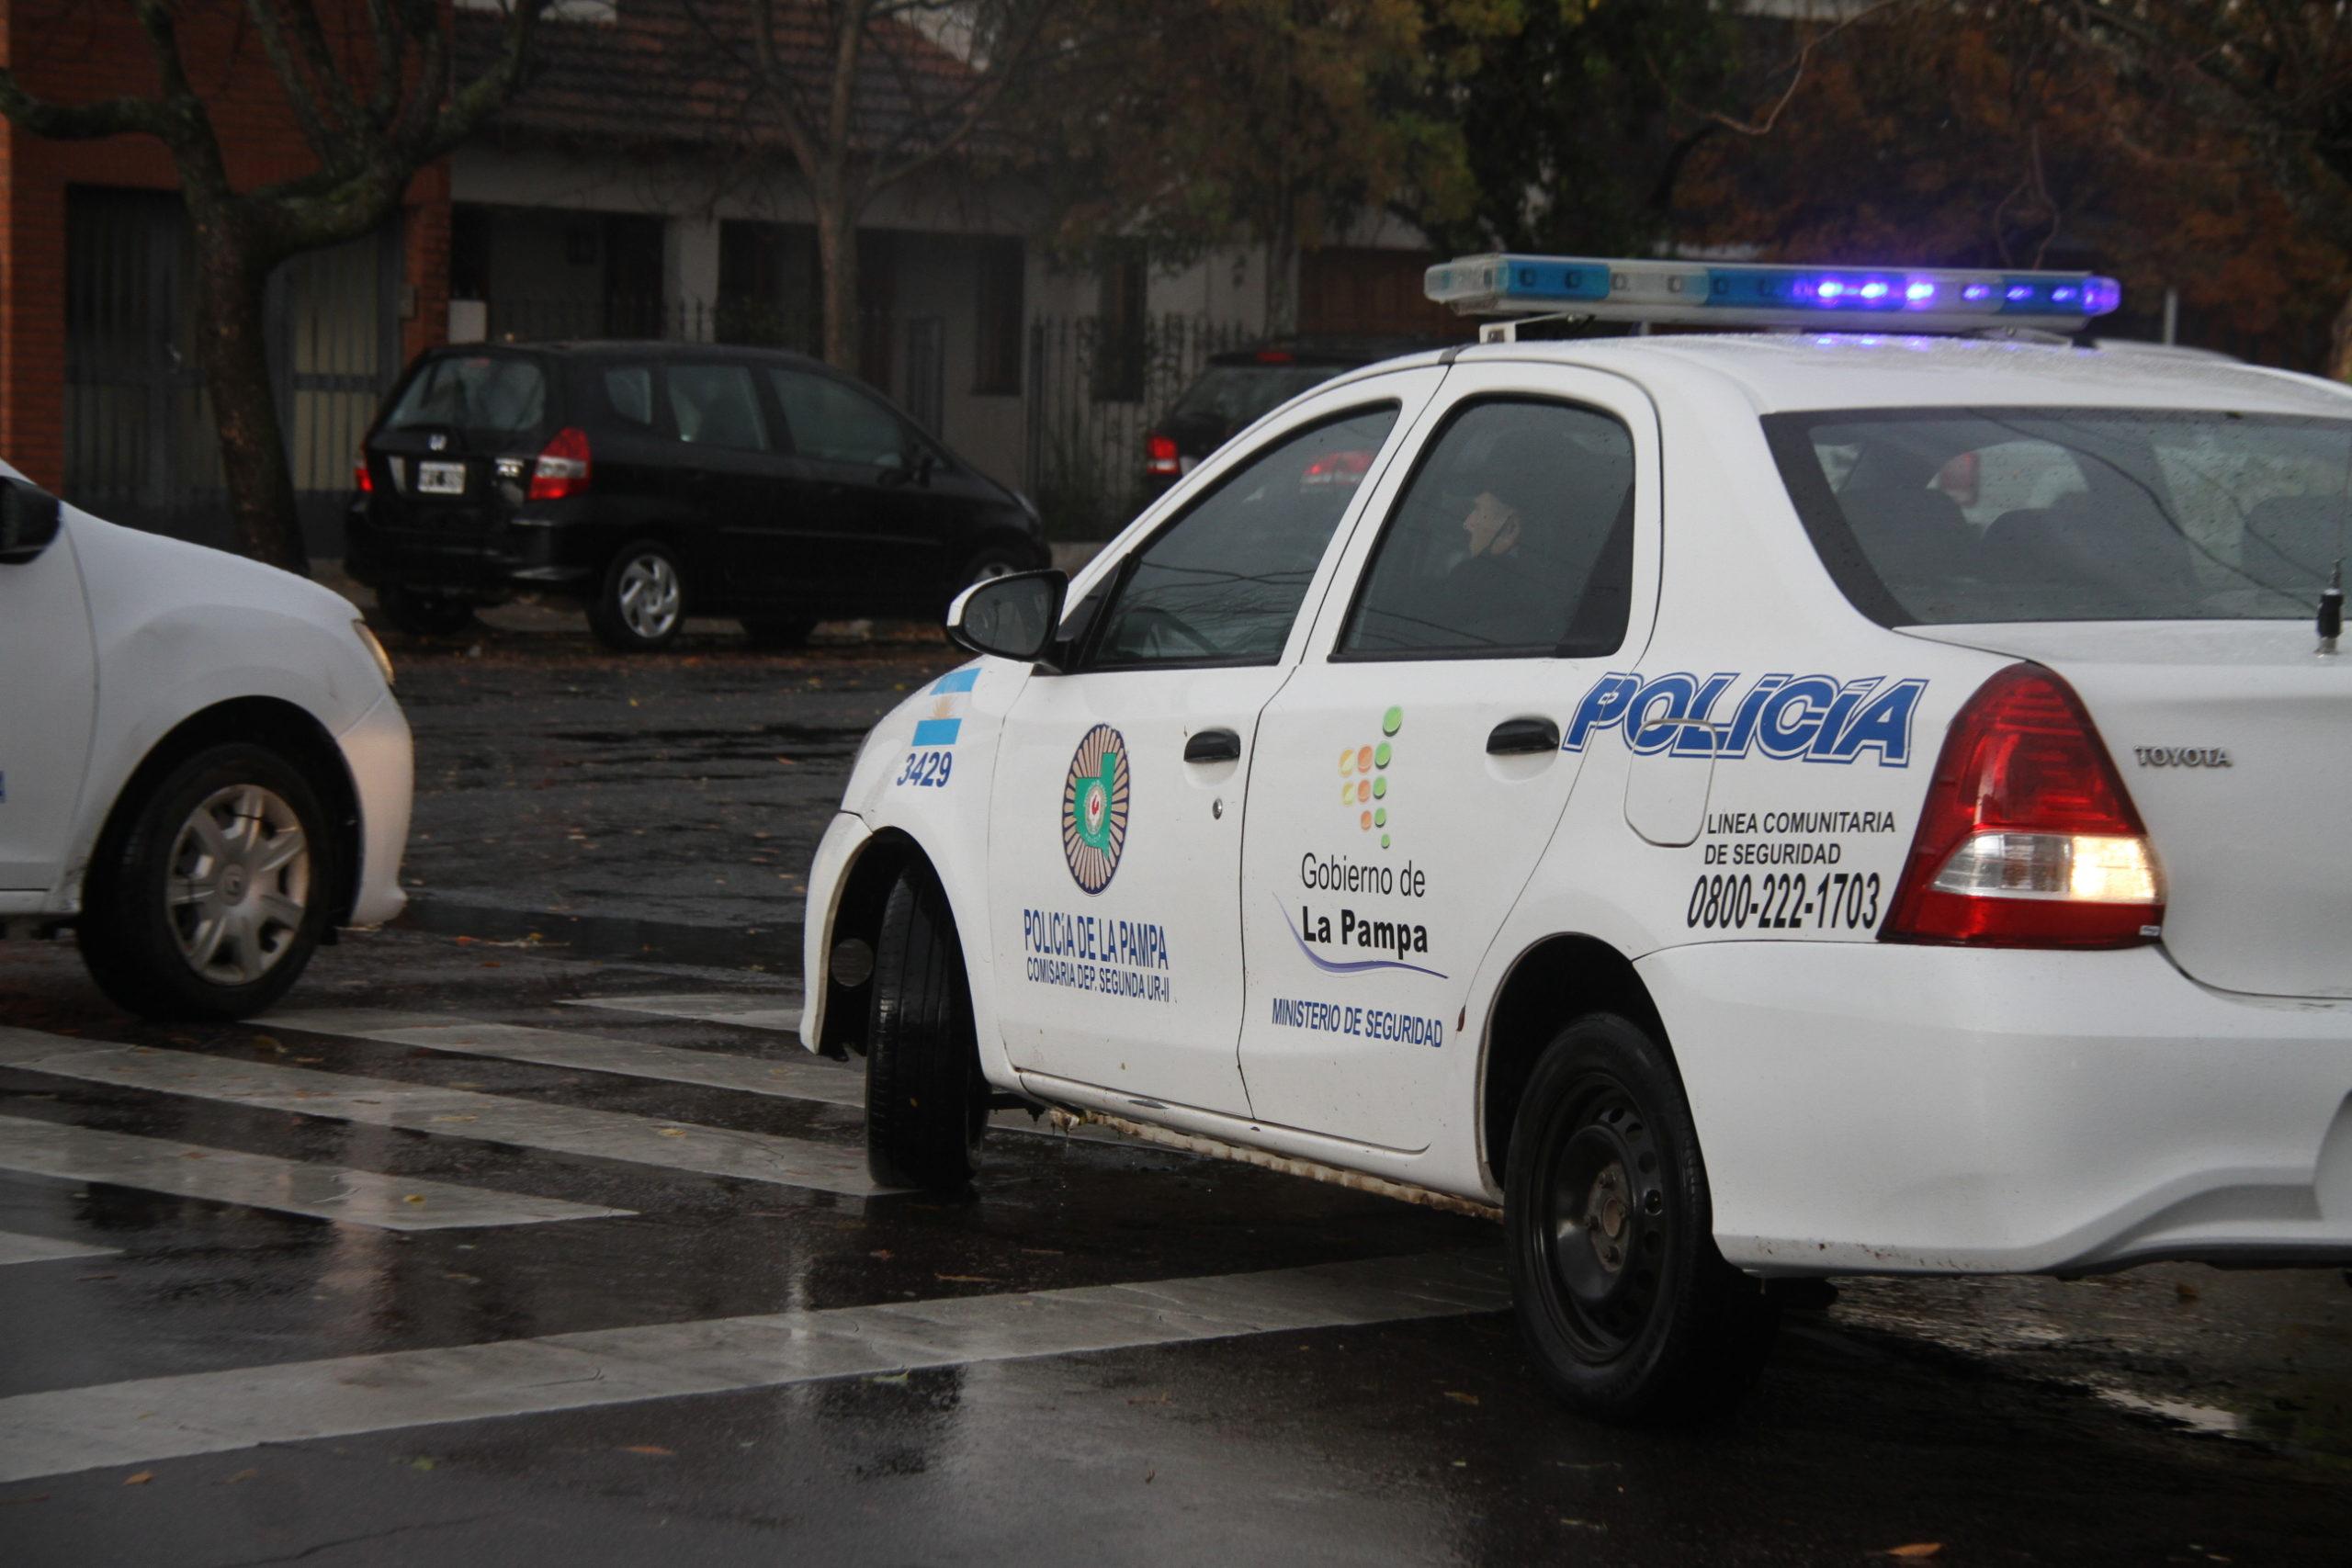 Continúan los controles por las nuevas restricciones: Notificaron a 32 personas y retuvieron 5 vehículos en General Pico